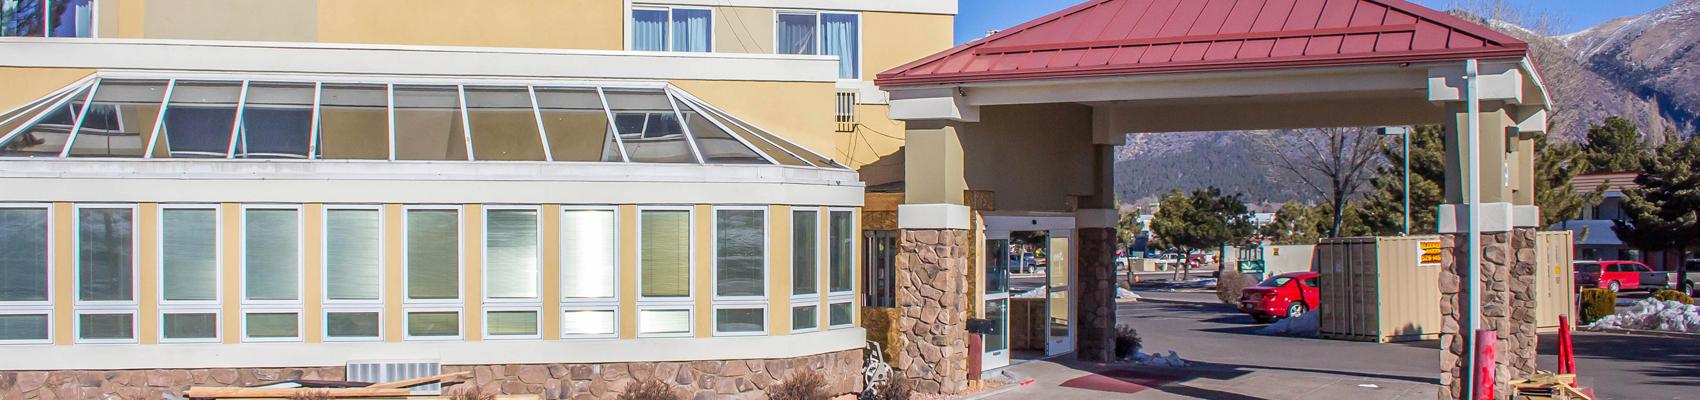 Flagstaff, Arizona Hotel